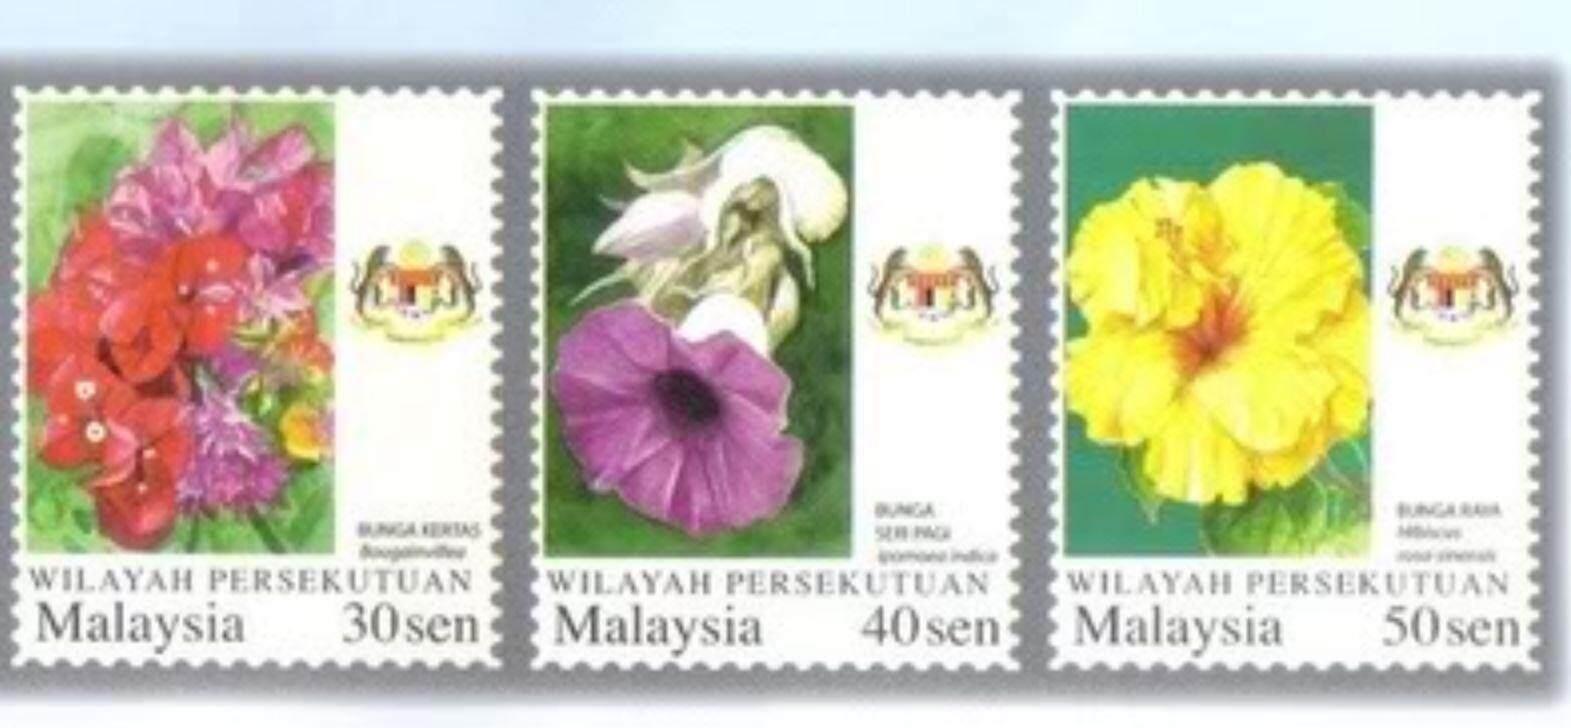 NS JOY Regular Malaysia Stamp 50 cents